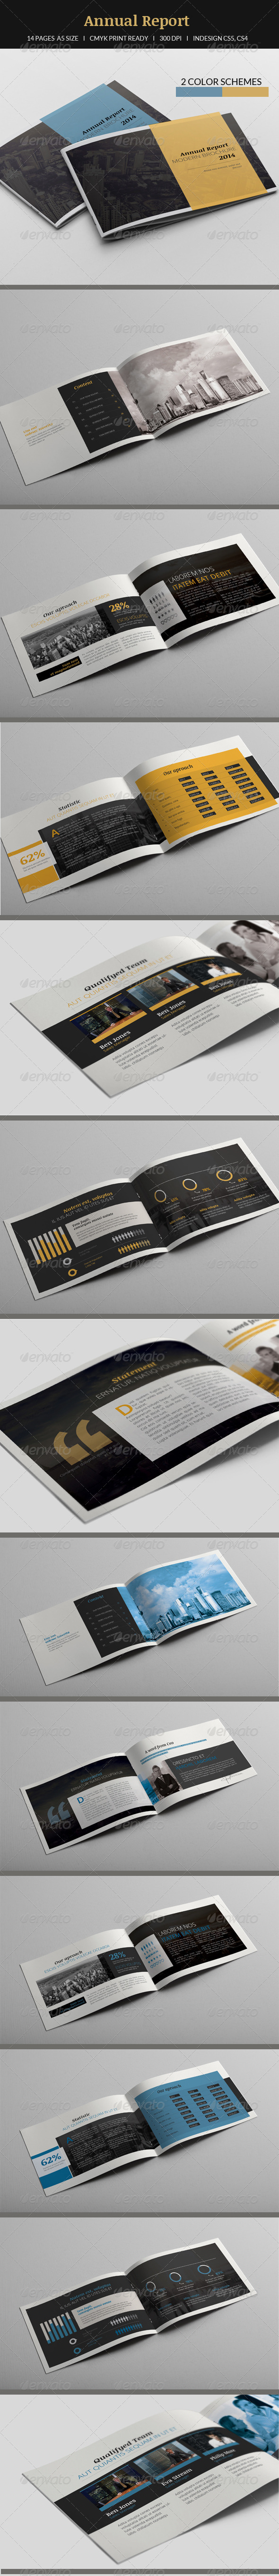 GraphicRiver Annual Report A5 7057115